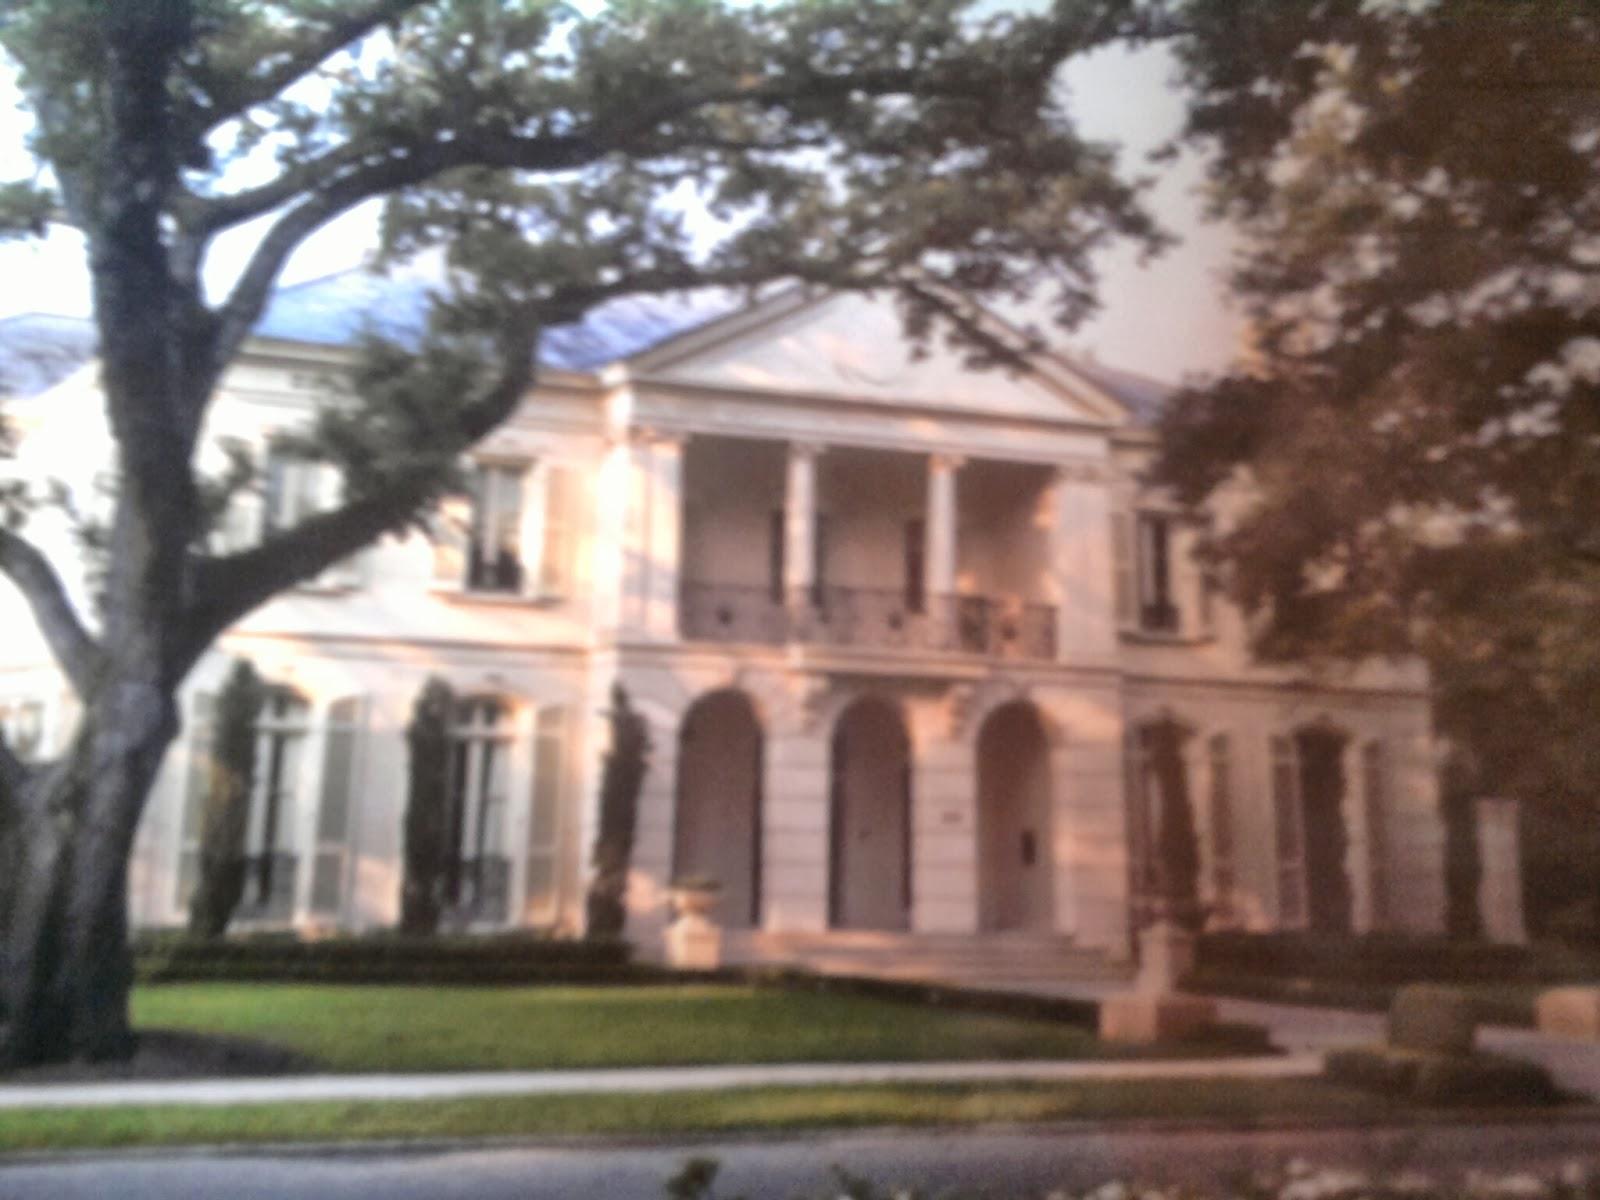 membangun rumah mewah dengan biaya murah rumah idamanku